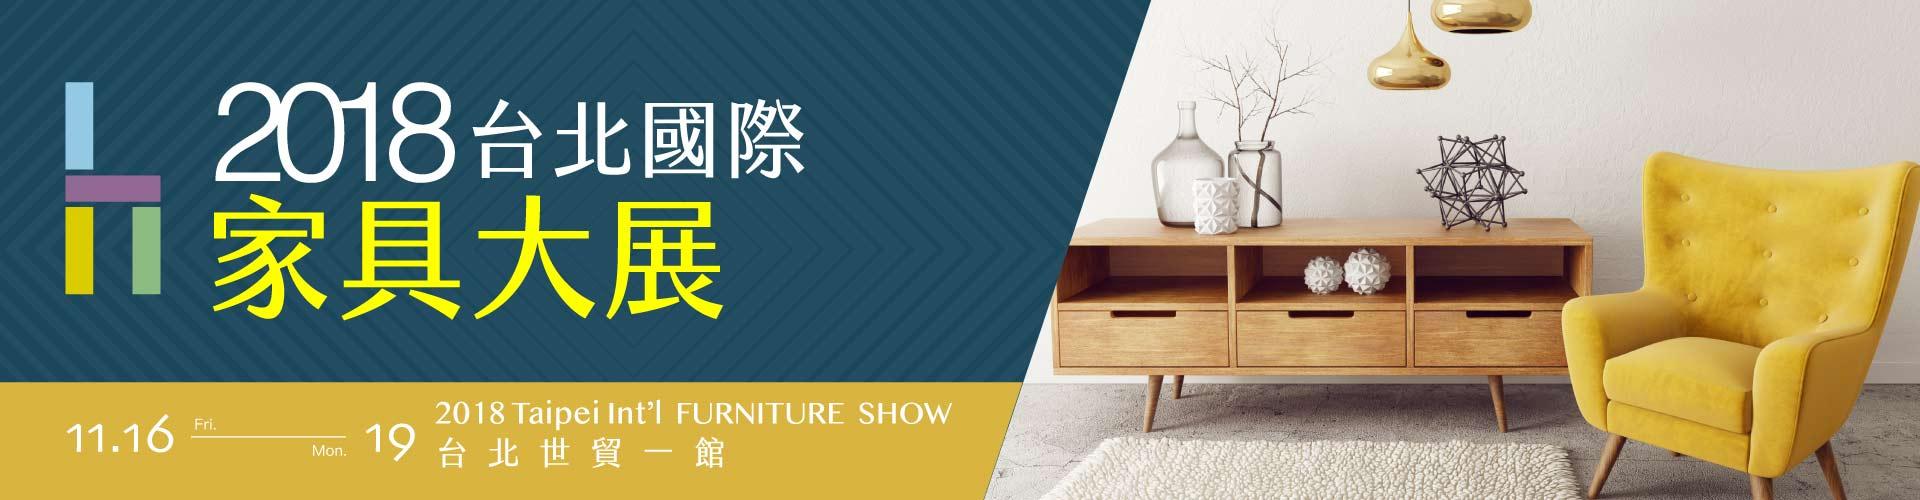 2018台北國際家具大展11/16-19世貿一館-年度家具展